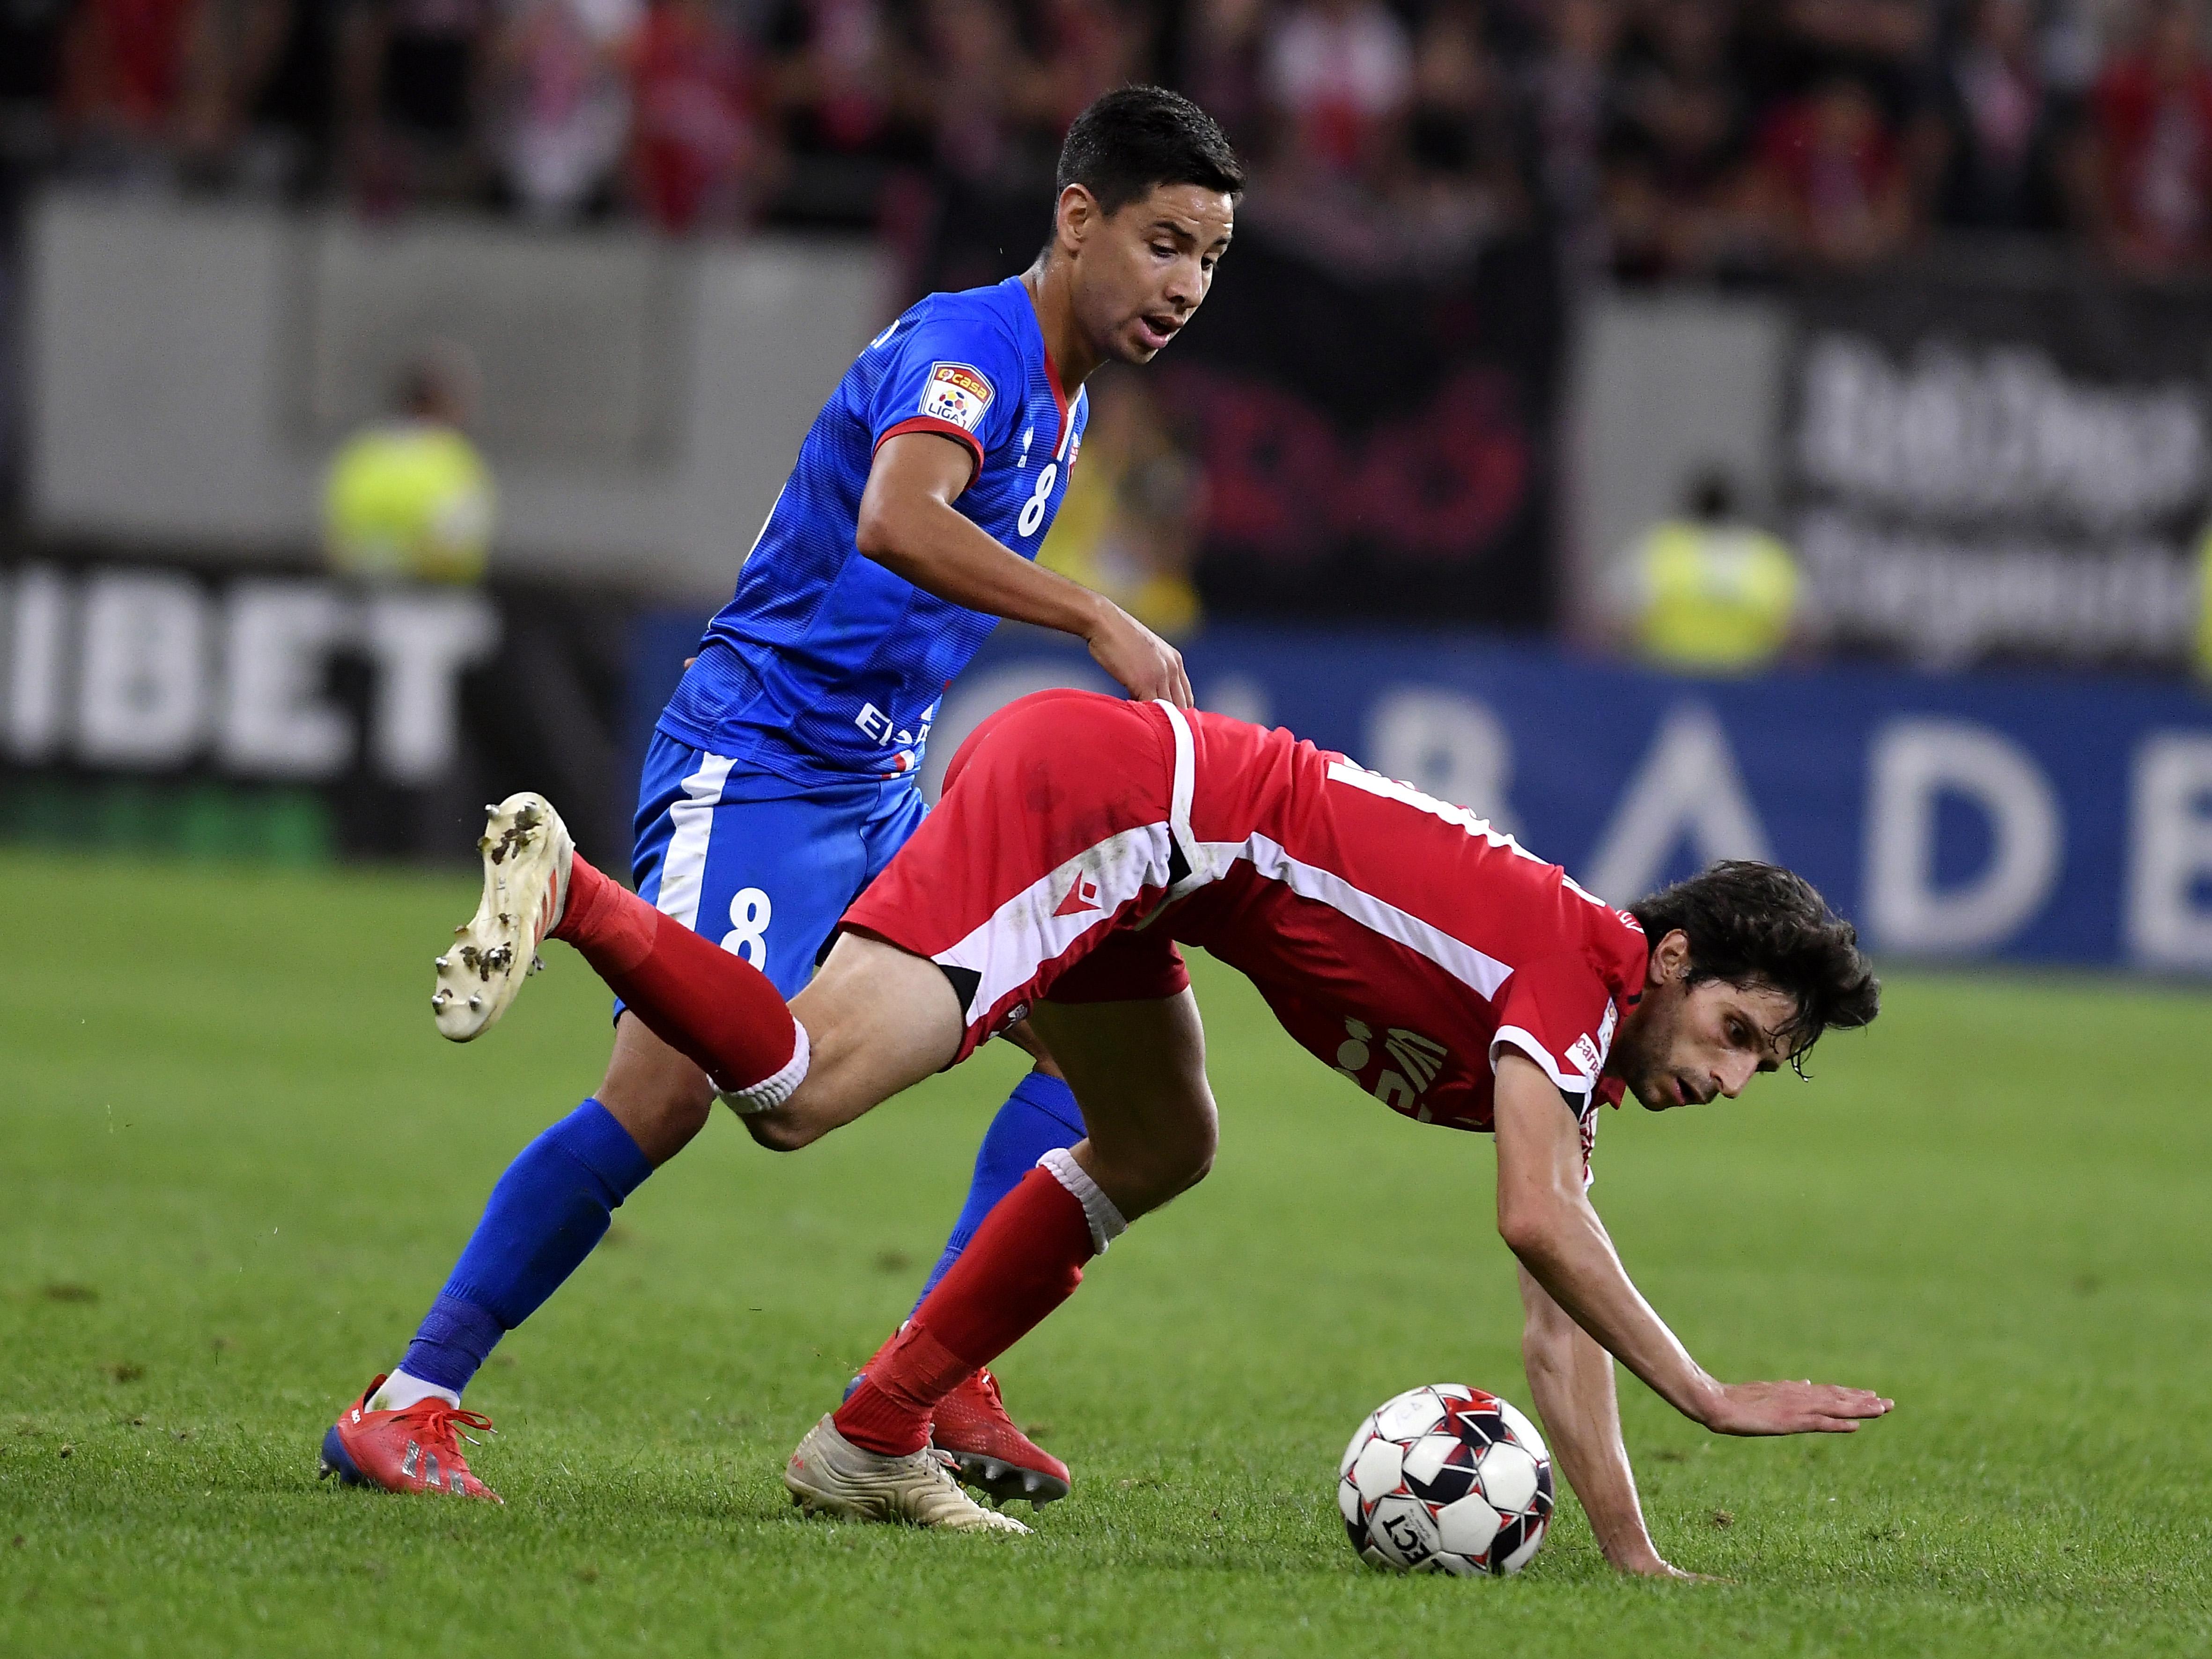 Jonathan Rodriguez și Mattia Montini în meciul Dinamo - Botoșani. Sursă foto: sportpictures.eu